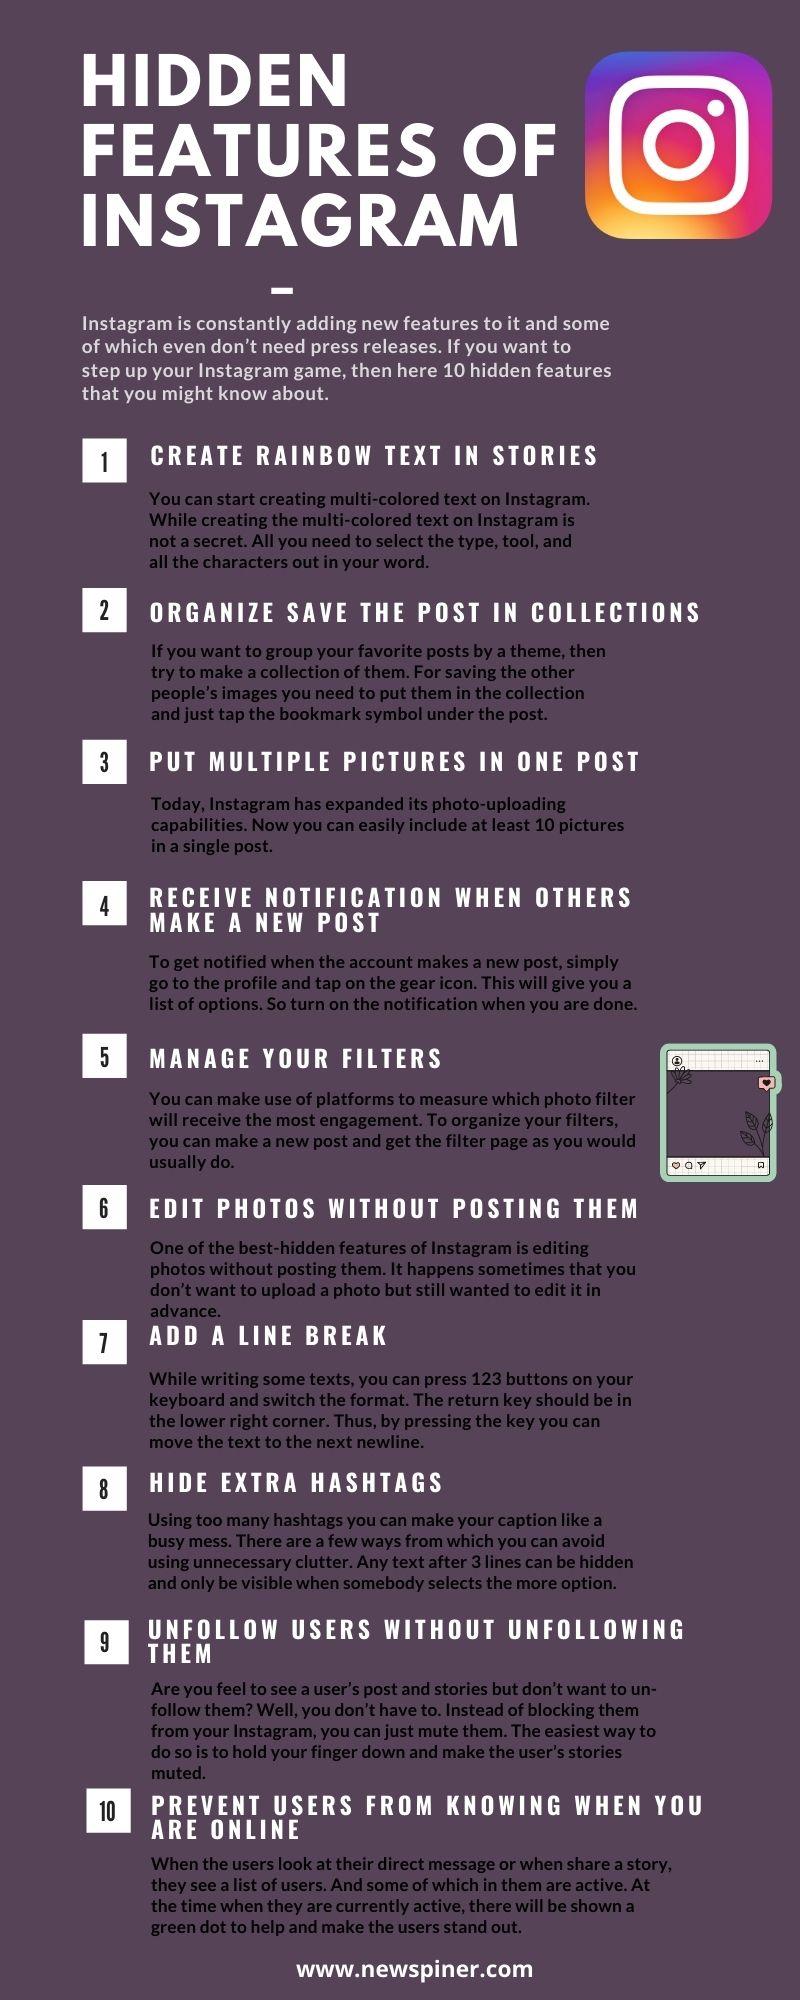 Hidden Features of Instagram